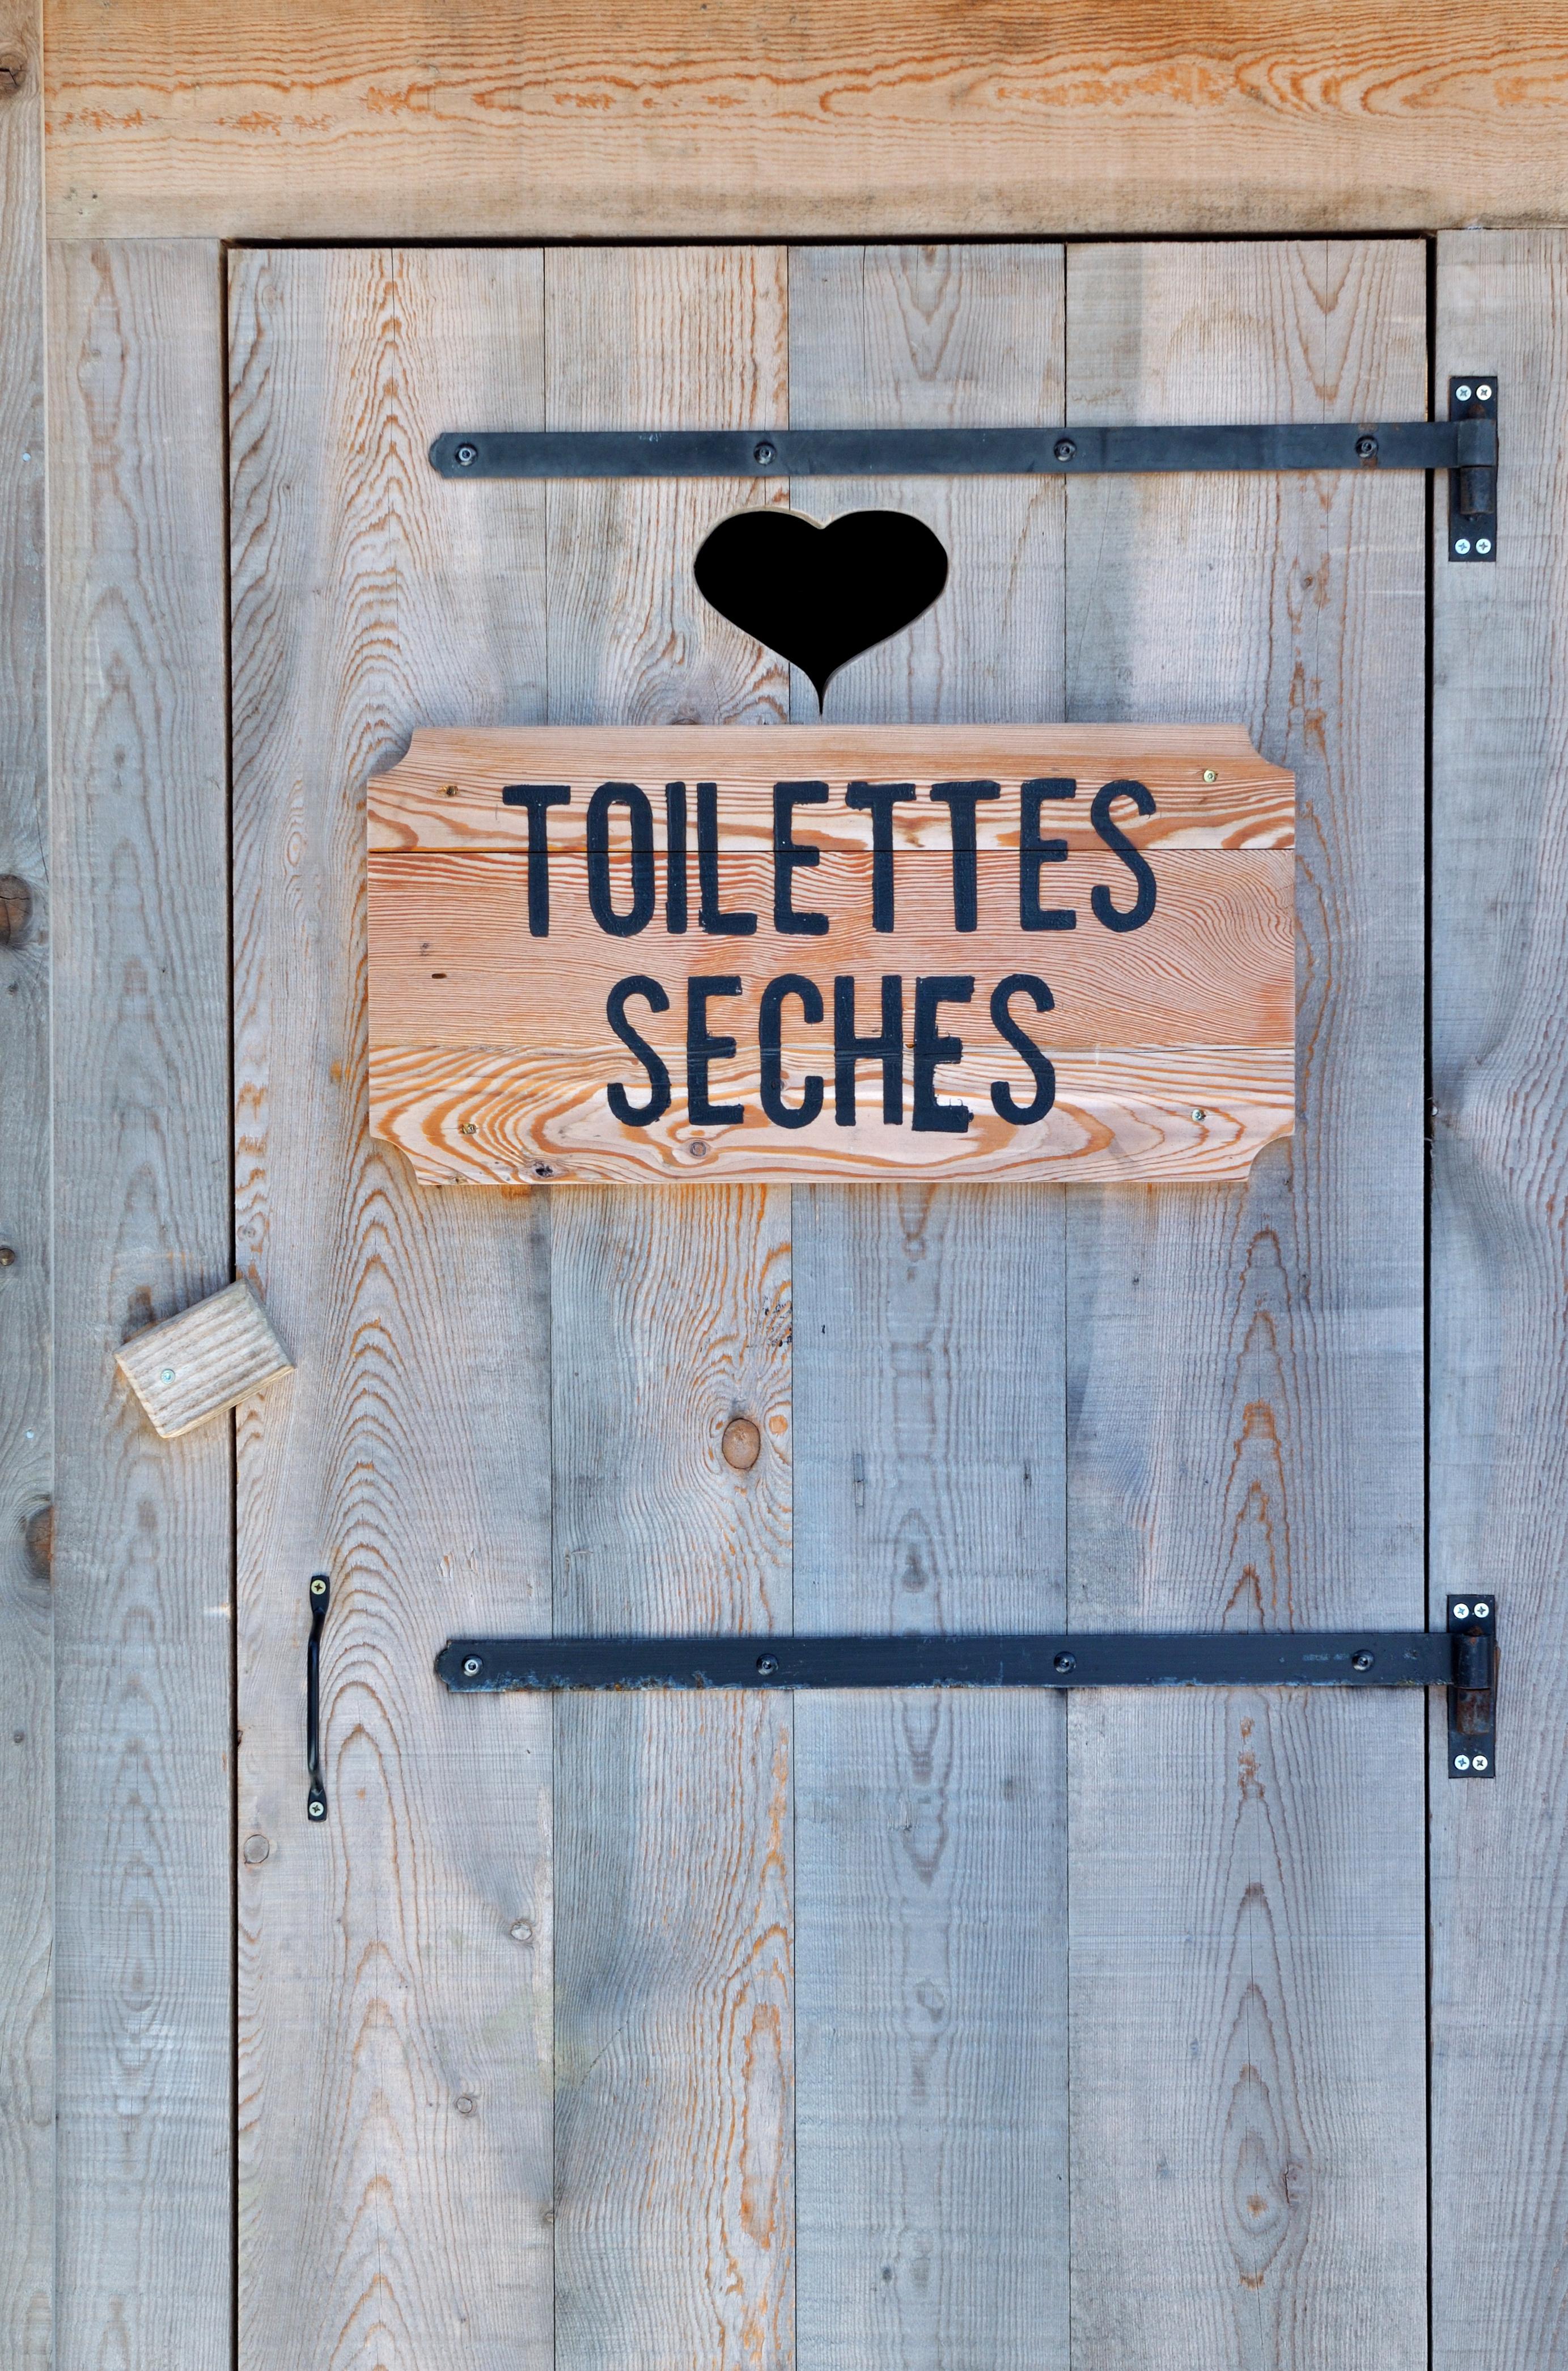 Construction D'Une Toilette Sèche | Habitatdurable avec Toilette Seche Construction